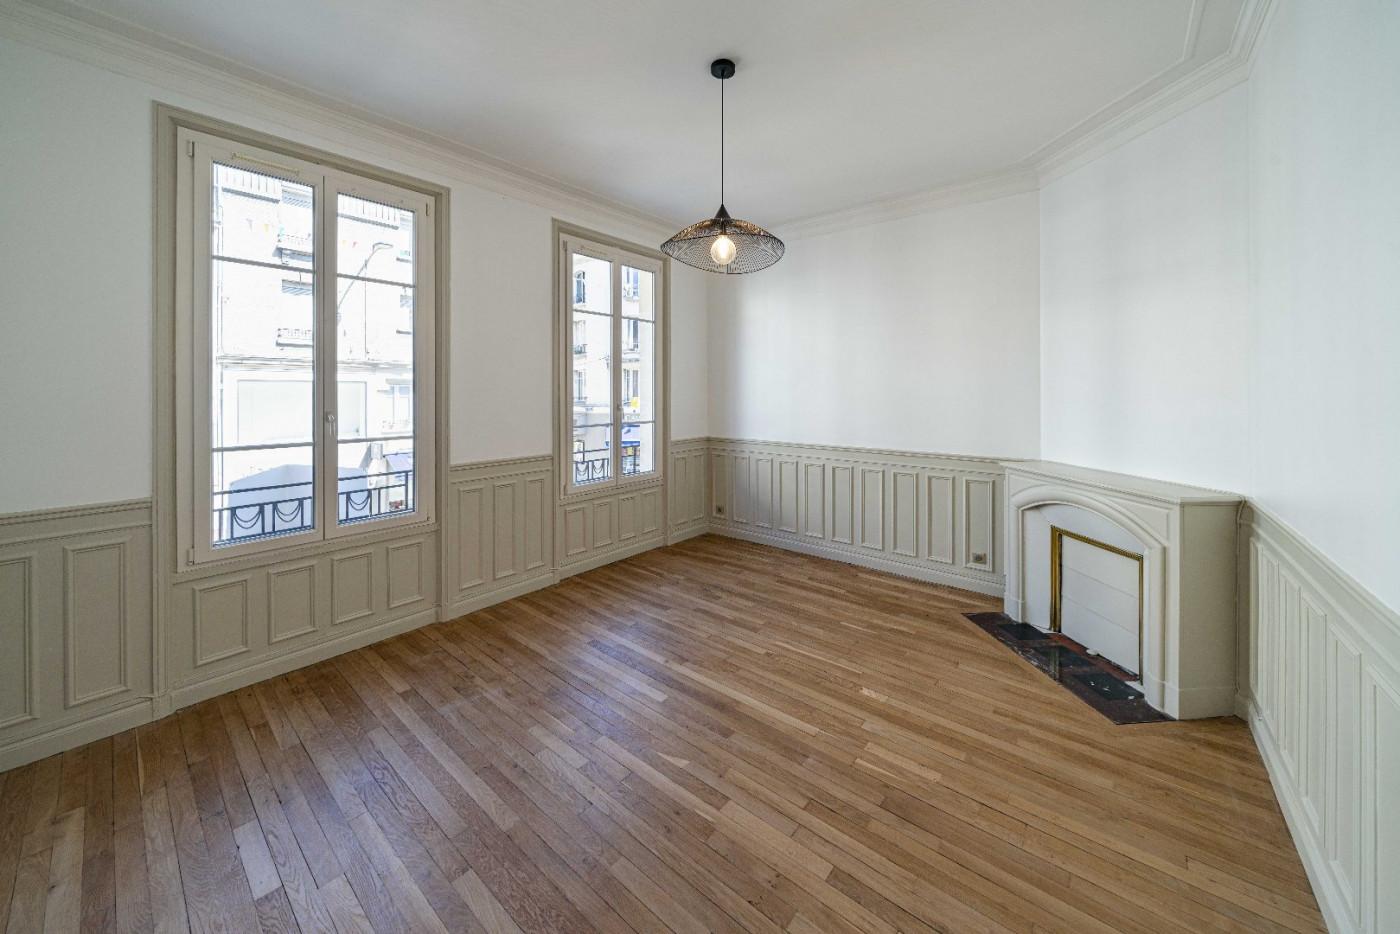 A vendre  Reims | Réf 51001336 - D-ker immo